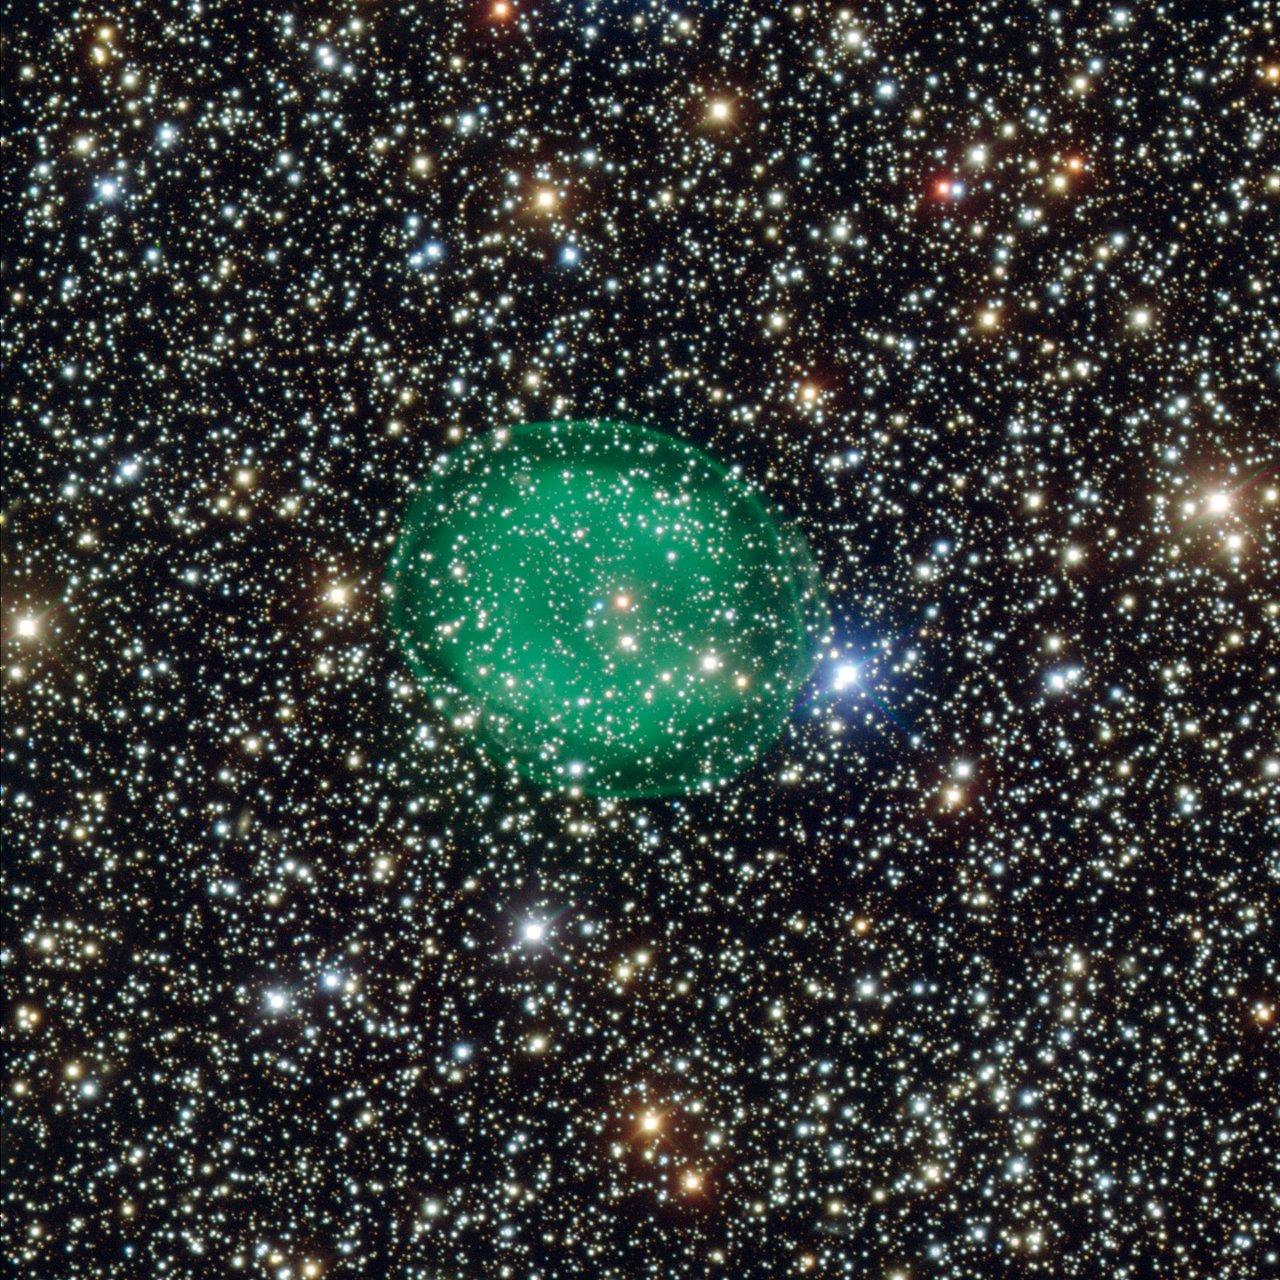 Imagem da nebulosa planetária IC 1295 obtida pelo VLT